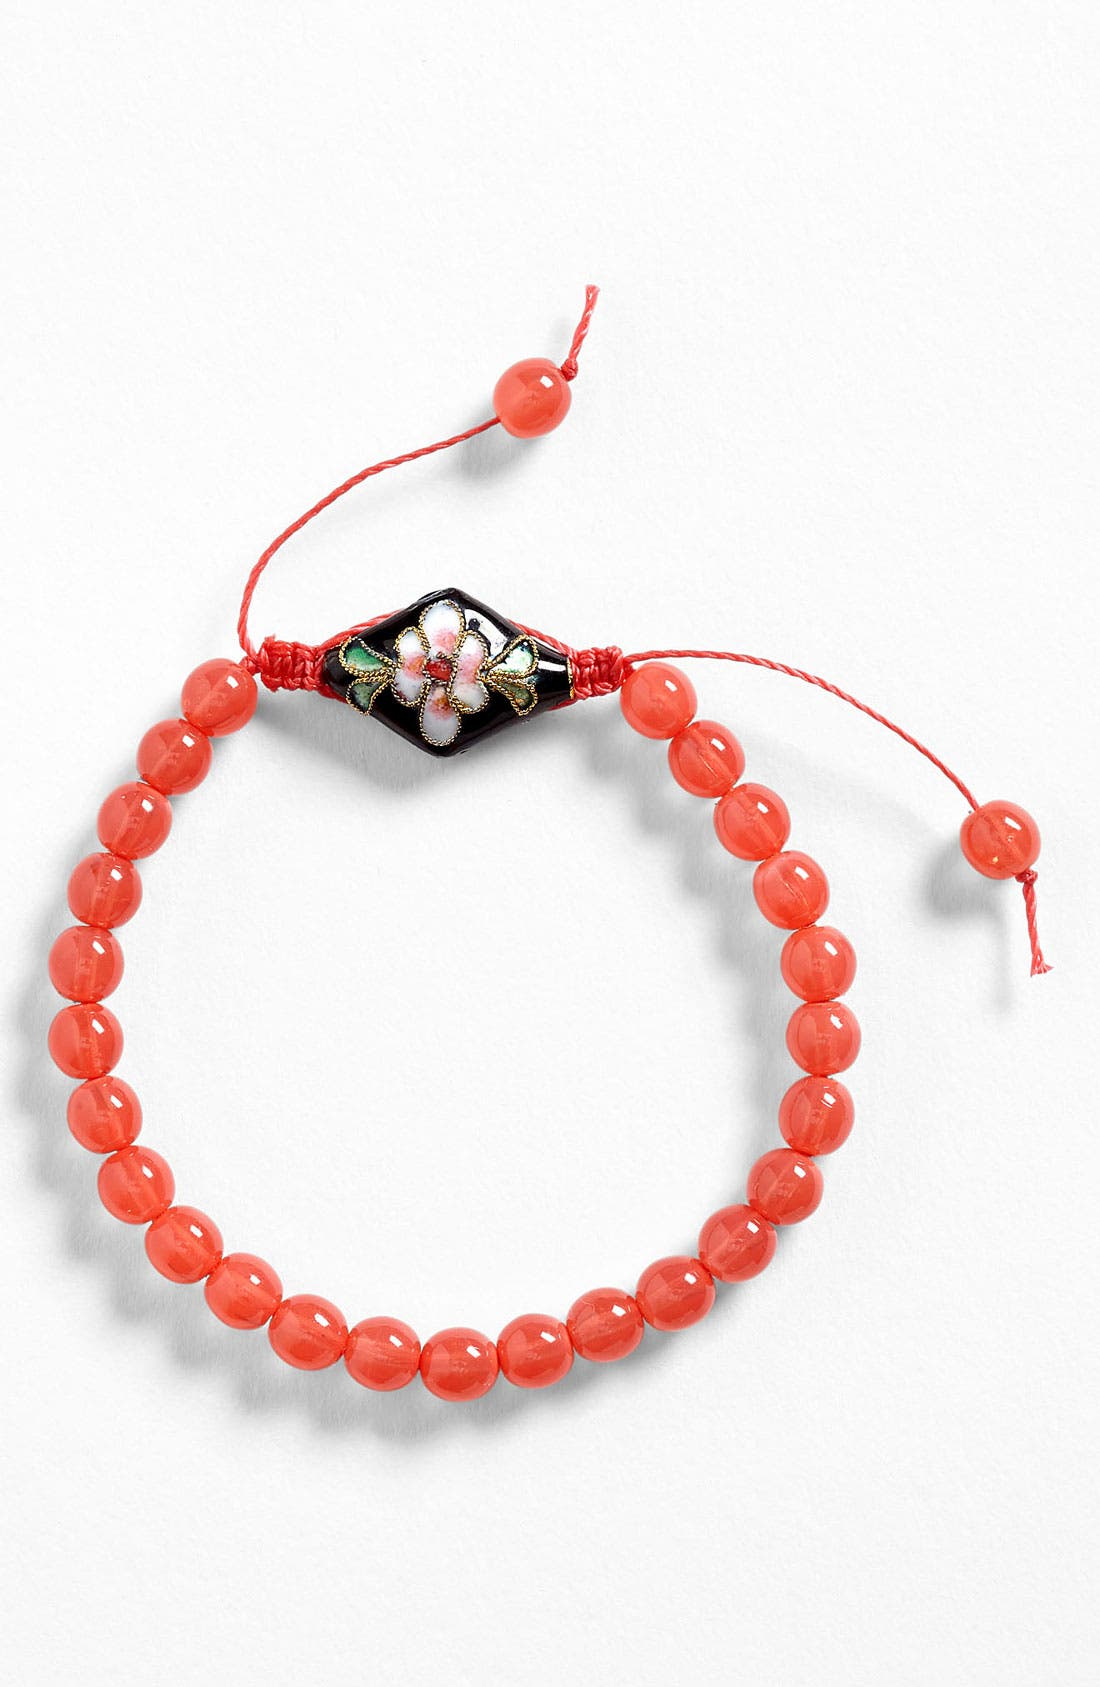 Alternate Image 1 Selected - Bonnie Jonas 'Wisdom' Cloisonné Friendship Bracelet